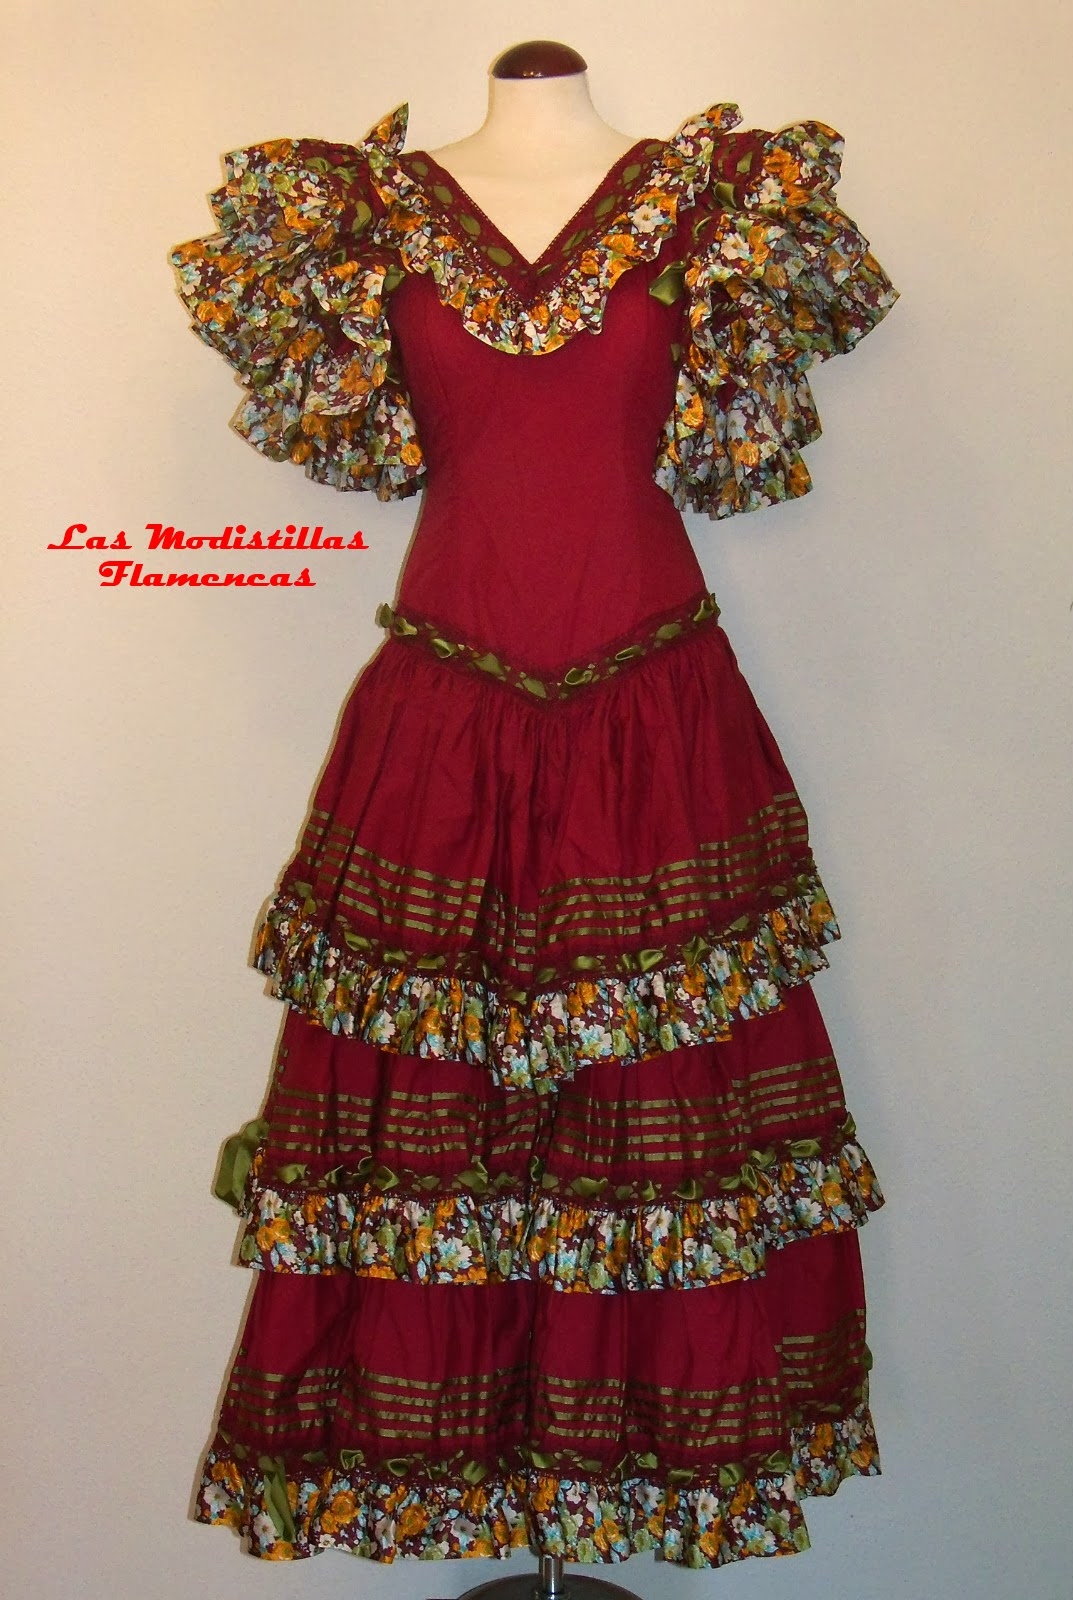 Reformar Un Baño Paso A Paso:Las Modistillas Flamencas: Reformar un traje de sevillana Paso a Paso